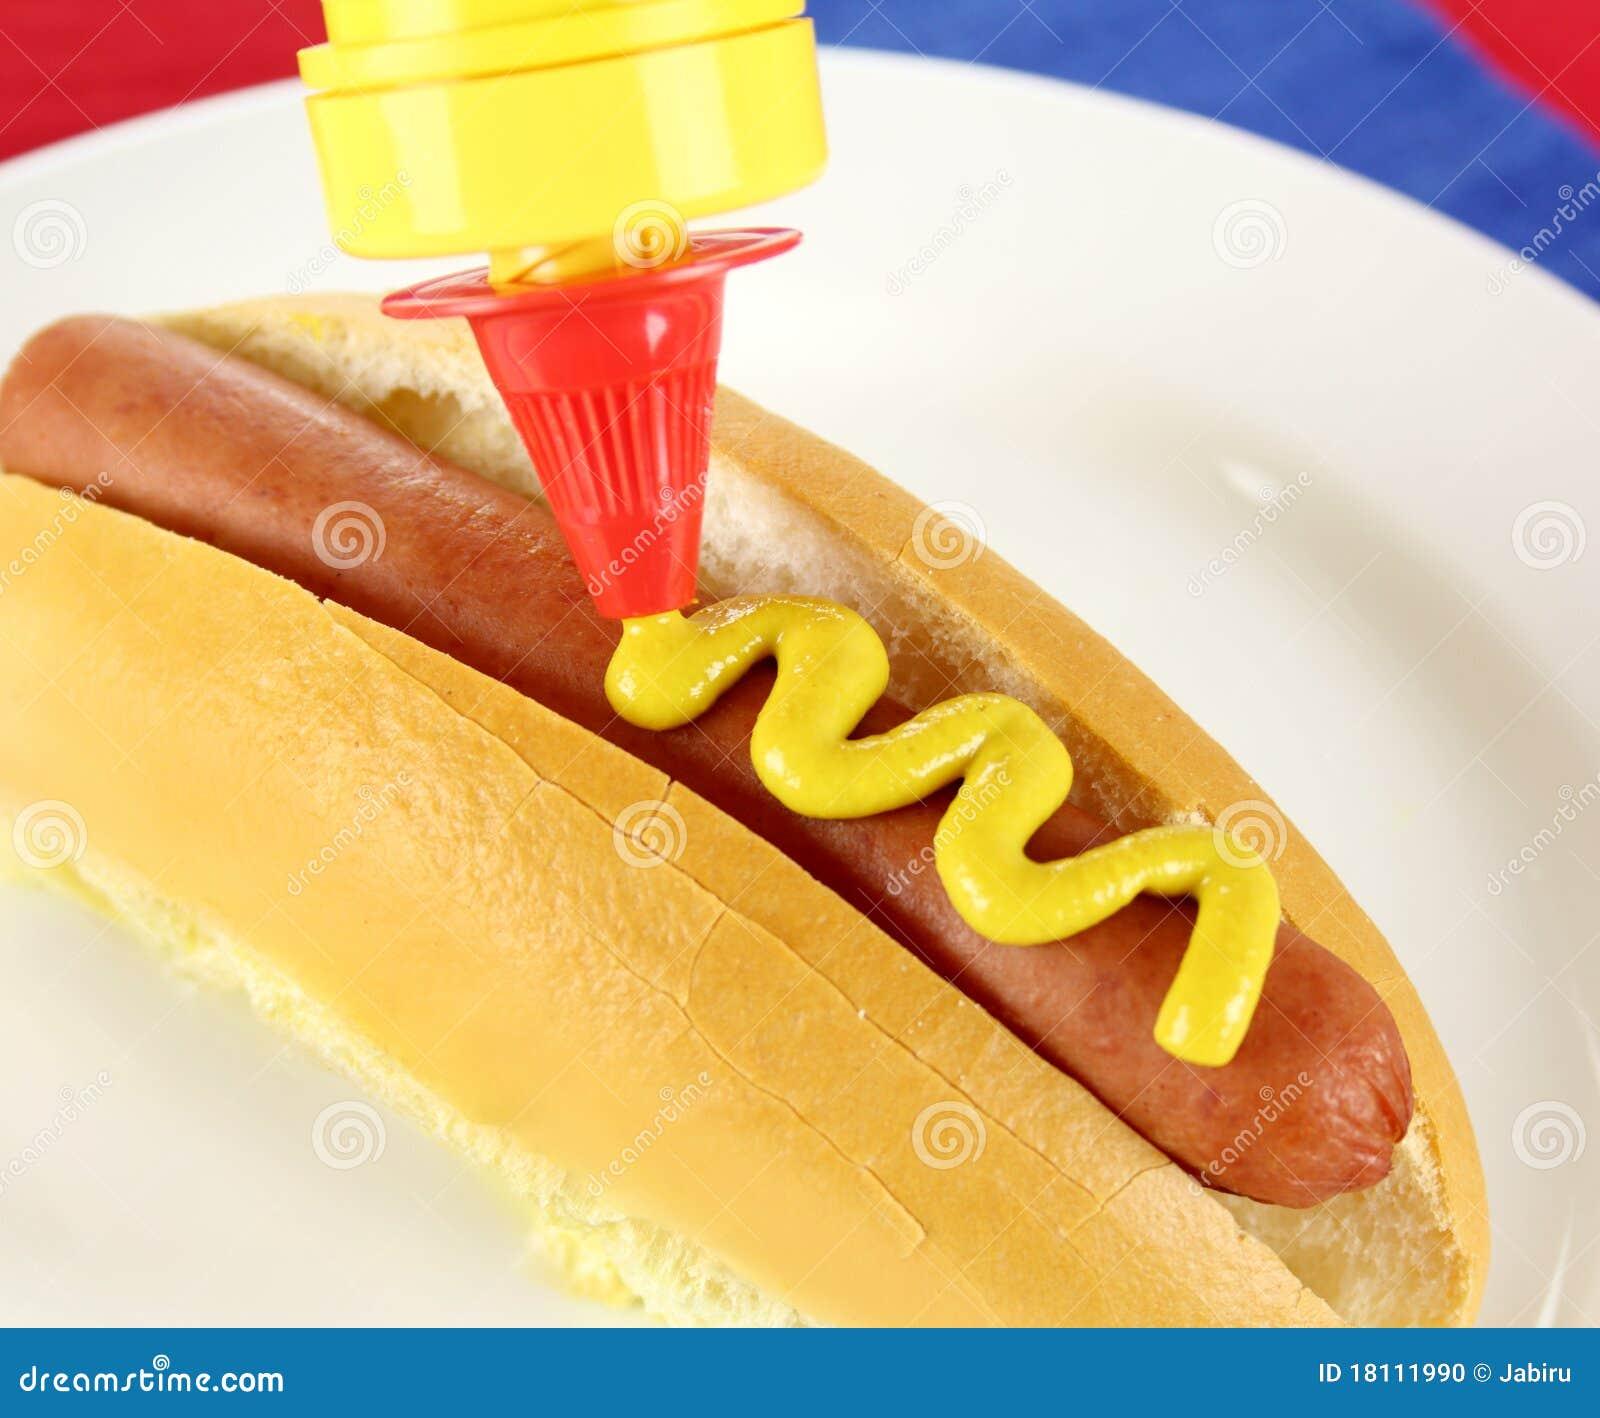 mustard on hot dog stock photo image 18111990. Black Bedroom Furniture Sets. Home Design Ideas